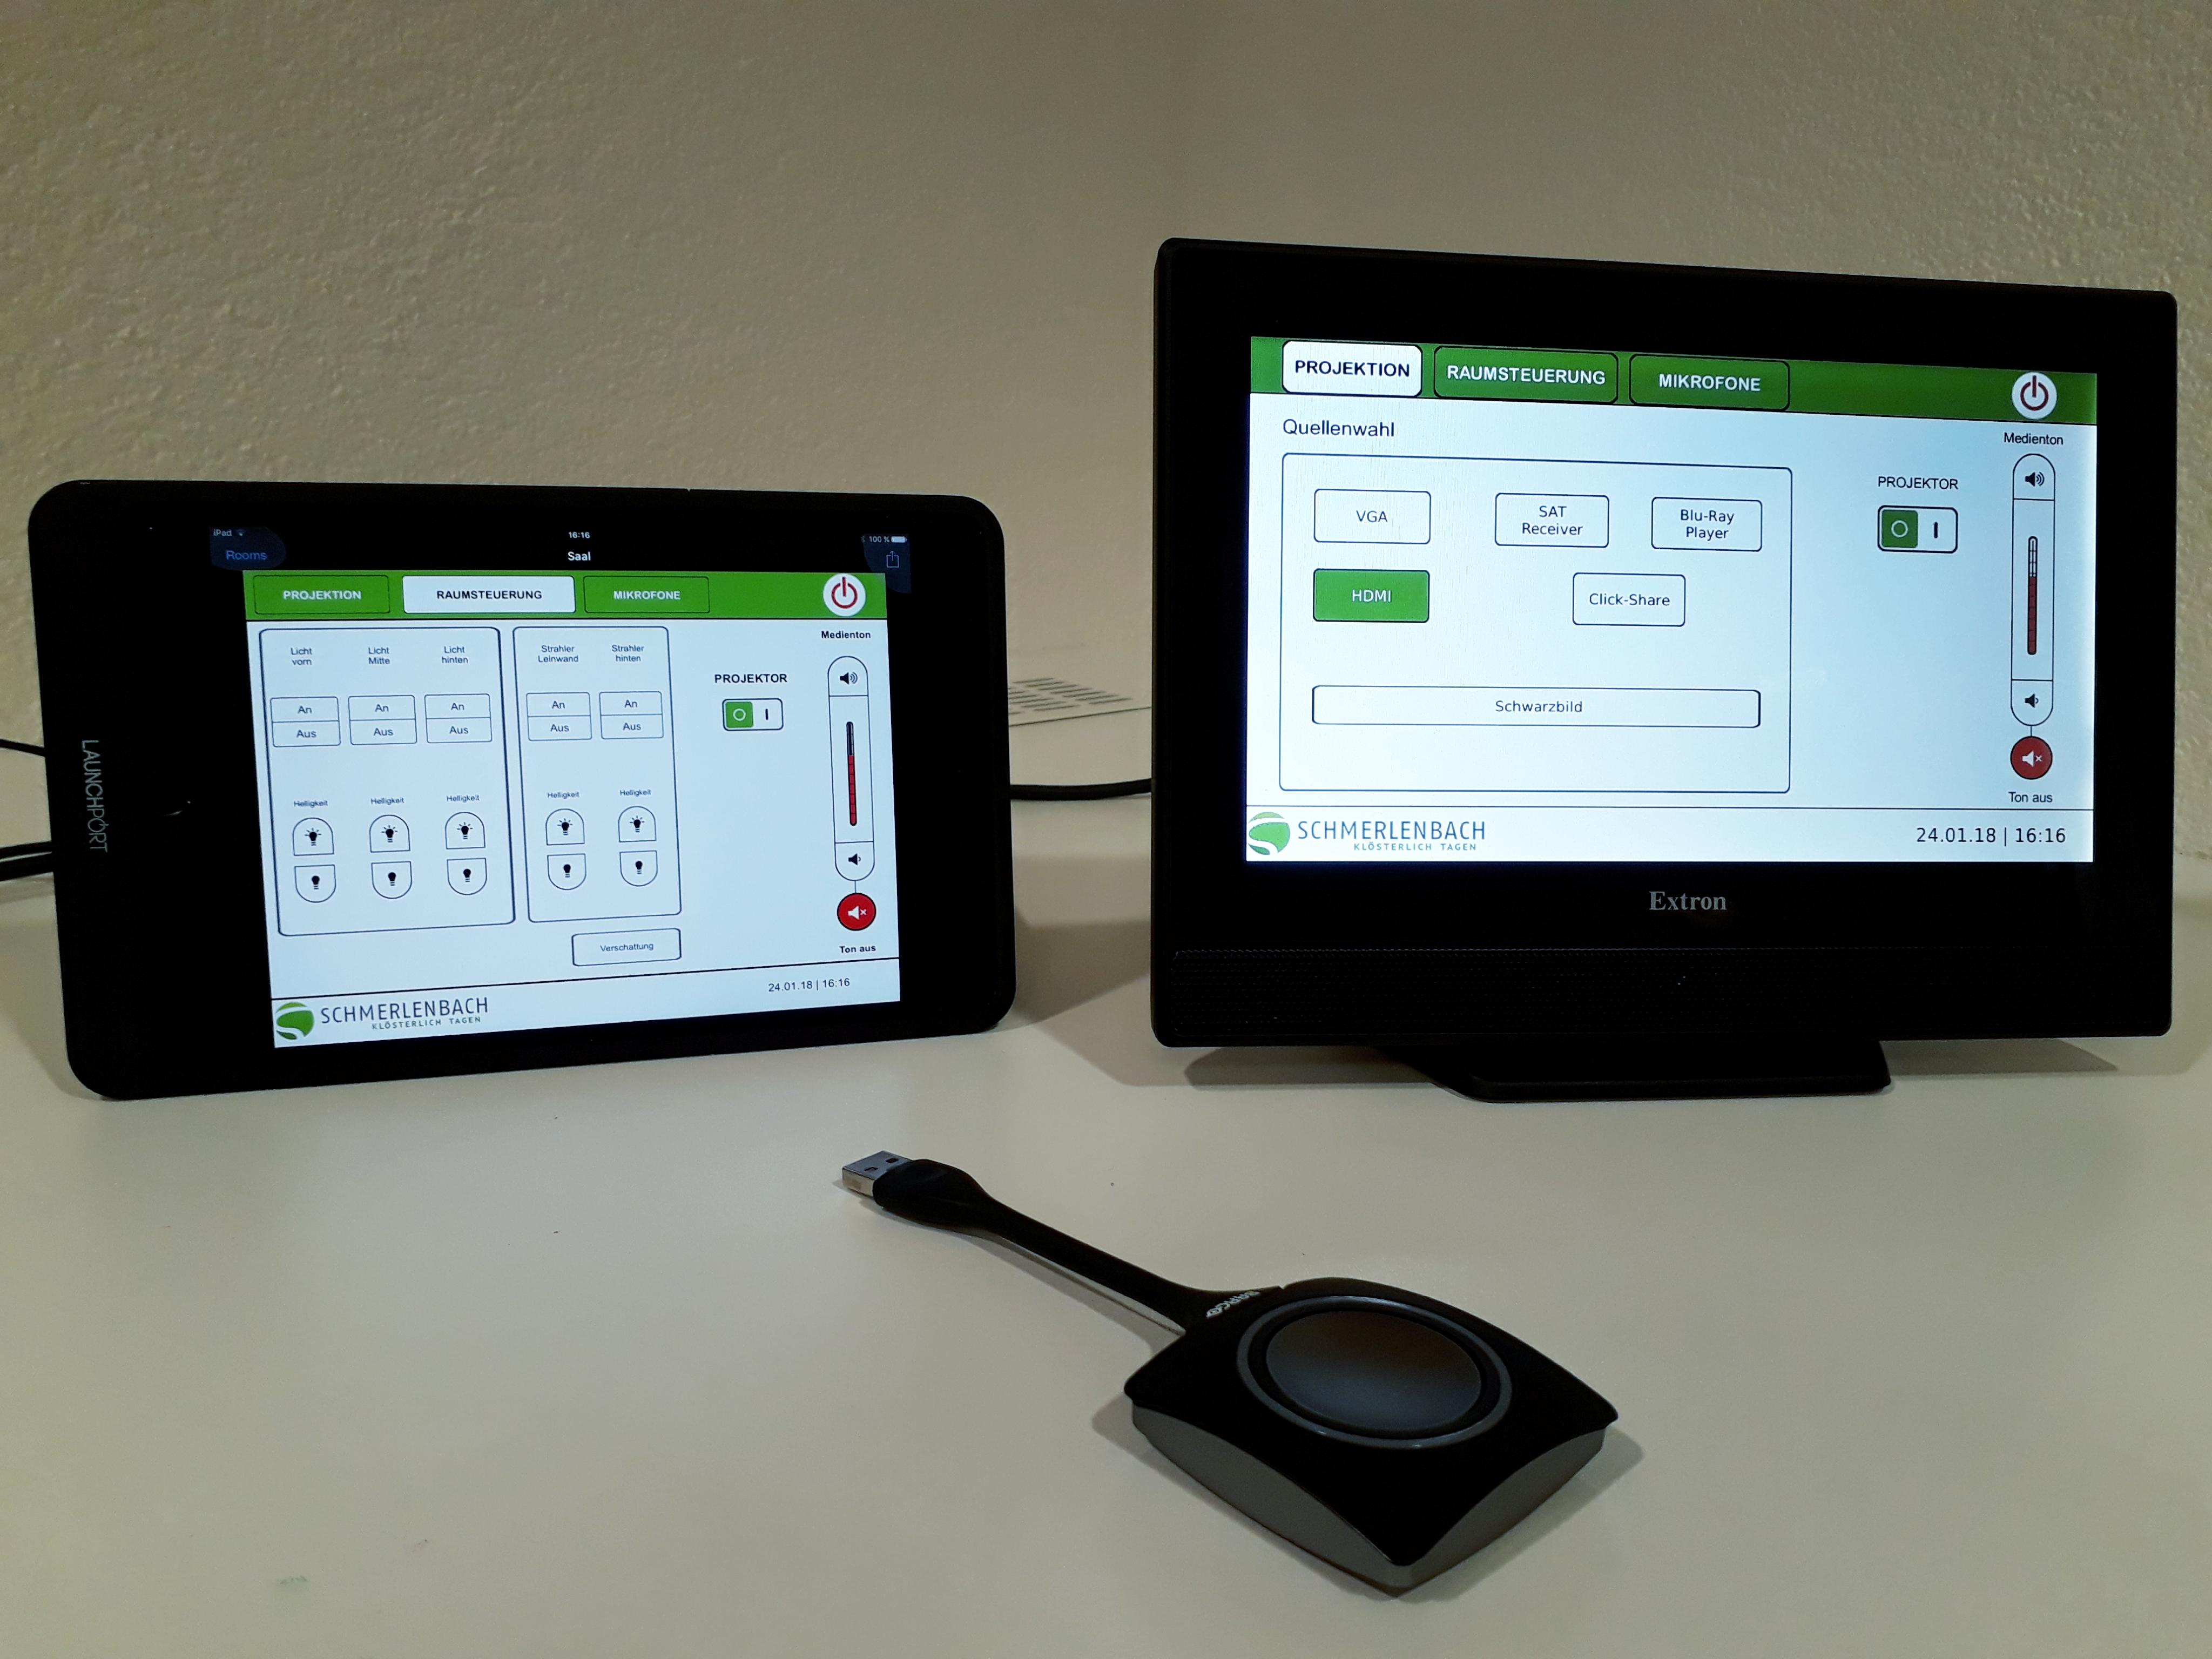 Abb. zu Artikel Modernste medientechnische Steuerung über iPads